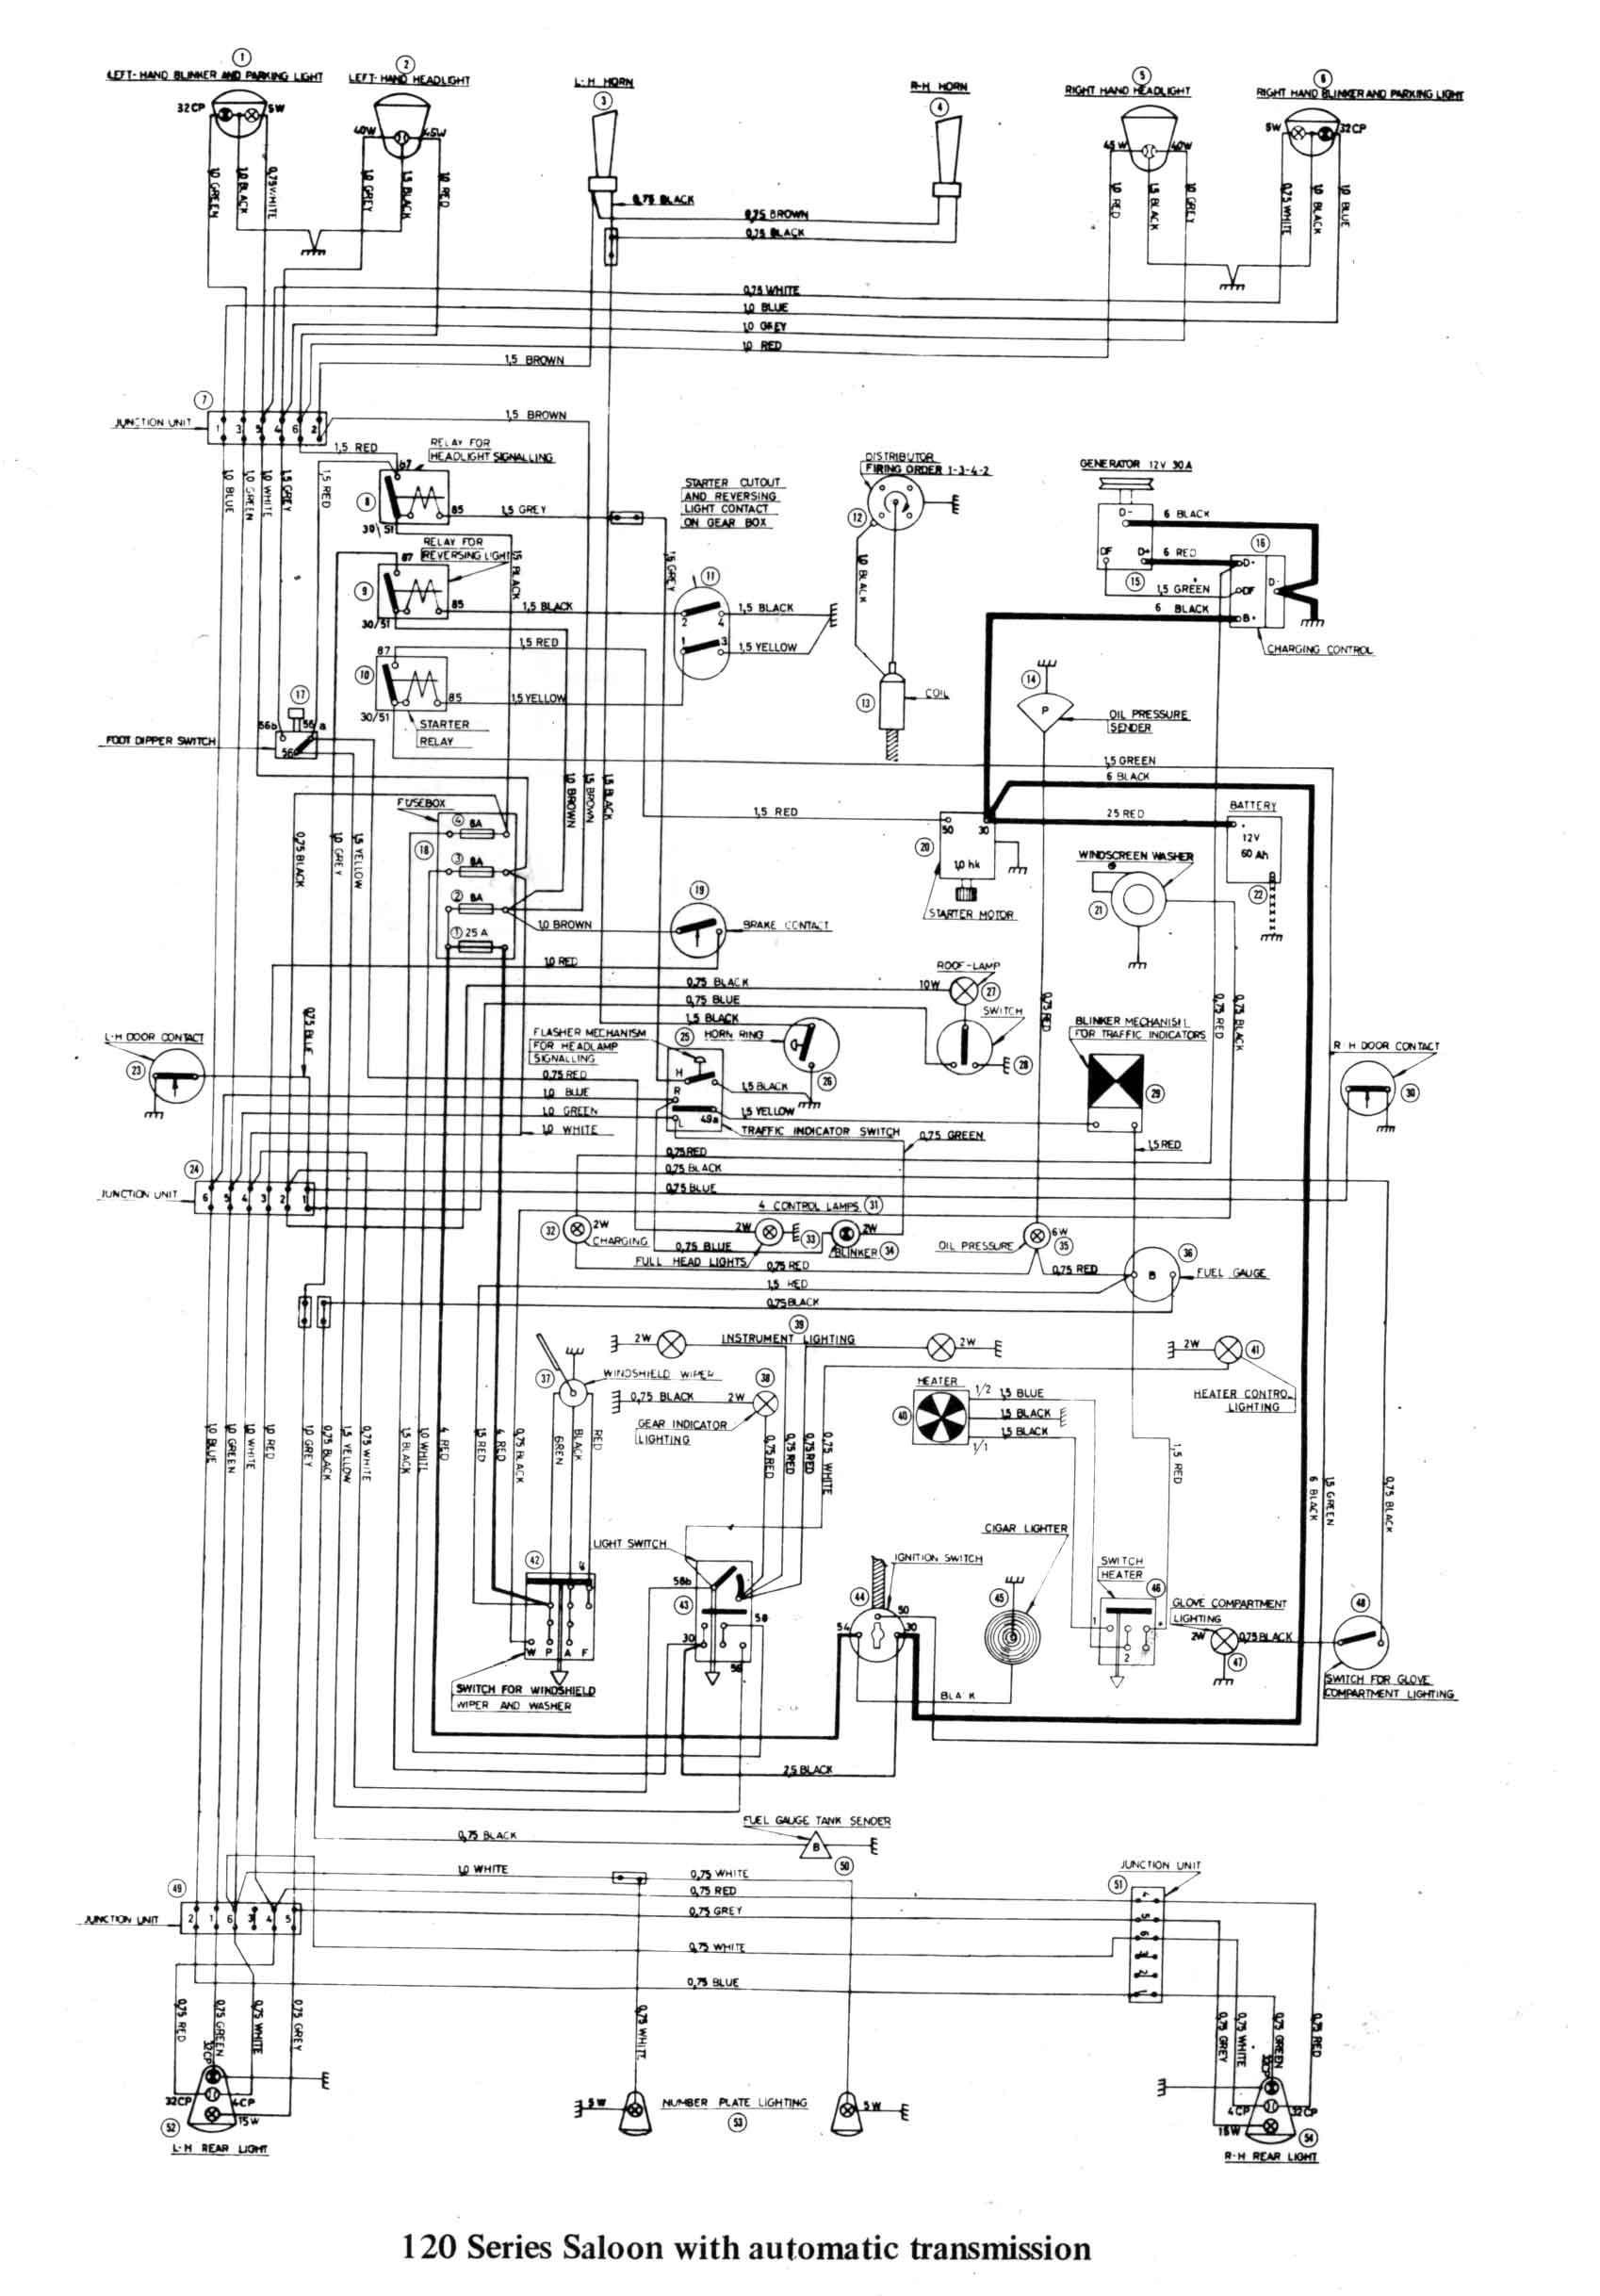 Turn Signal Circuit Diagram Turn Signal Wiring Diagram New Sw Em Od Retrofitting Vintage Volvo Of Turn Signal Circuit Diagram